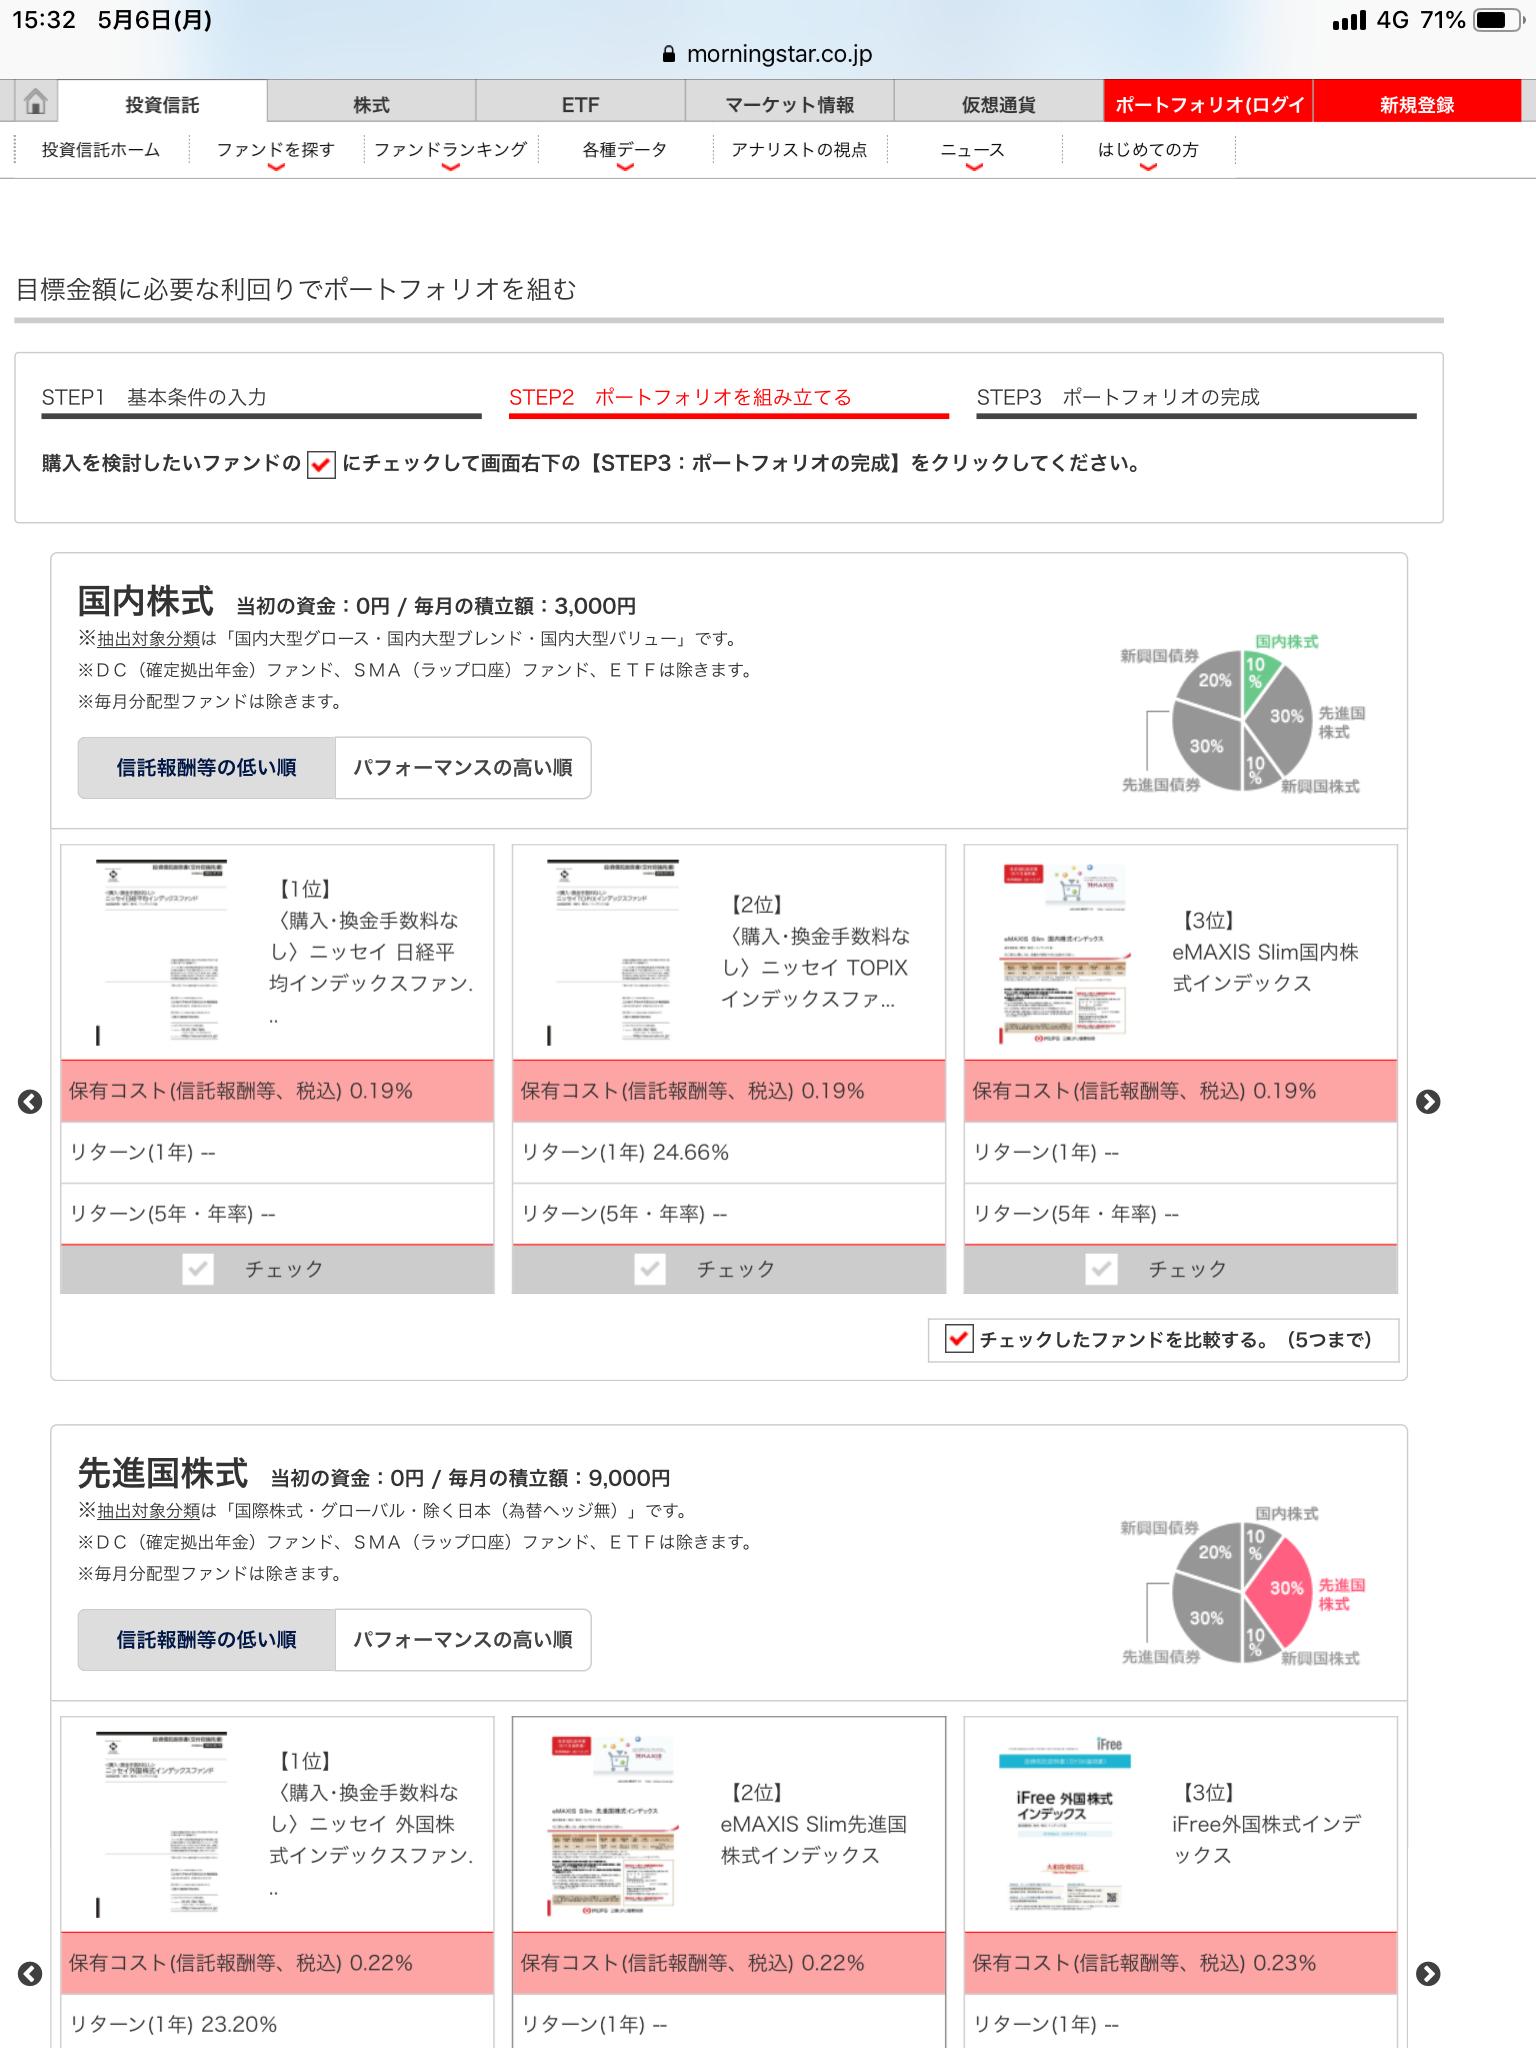 1553AC3C-C7DD-48EB-B56F-0EC6ECCBF408